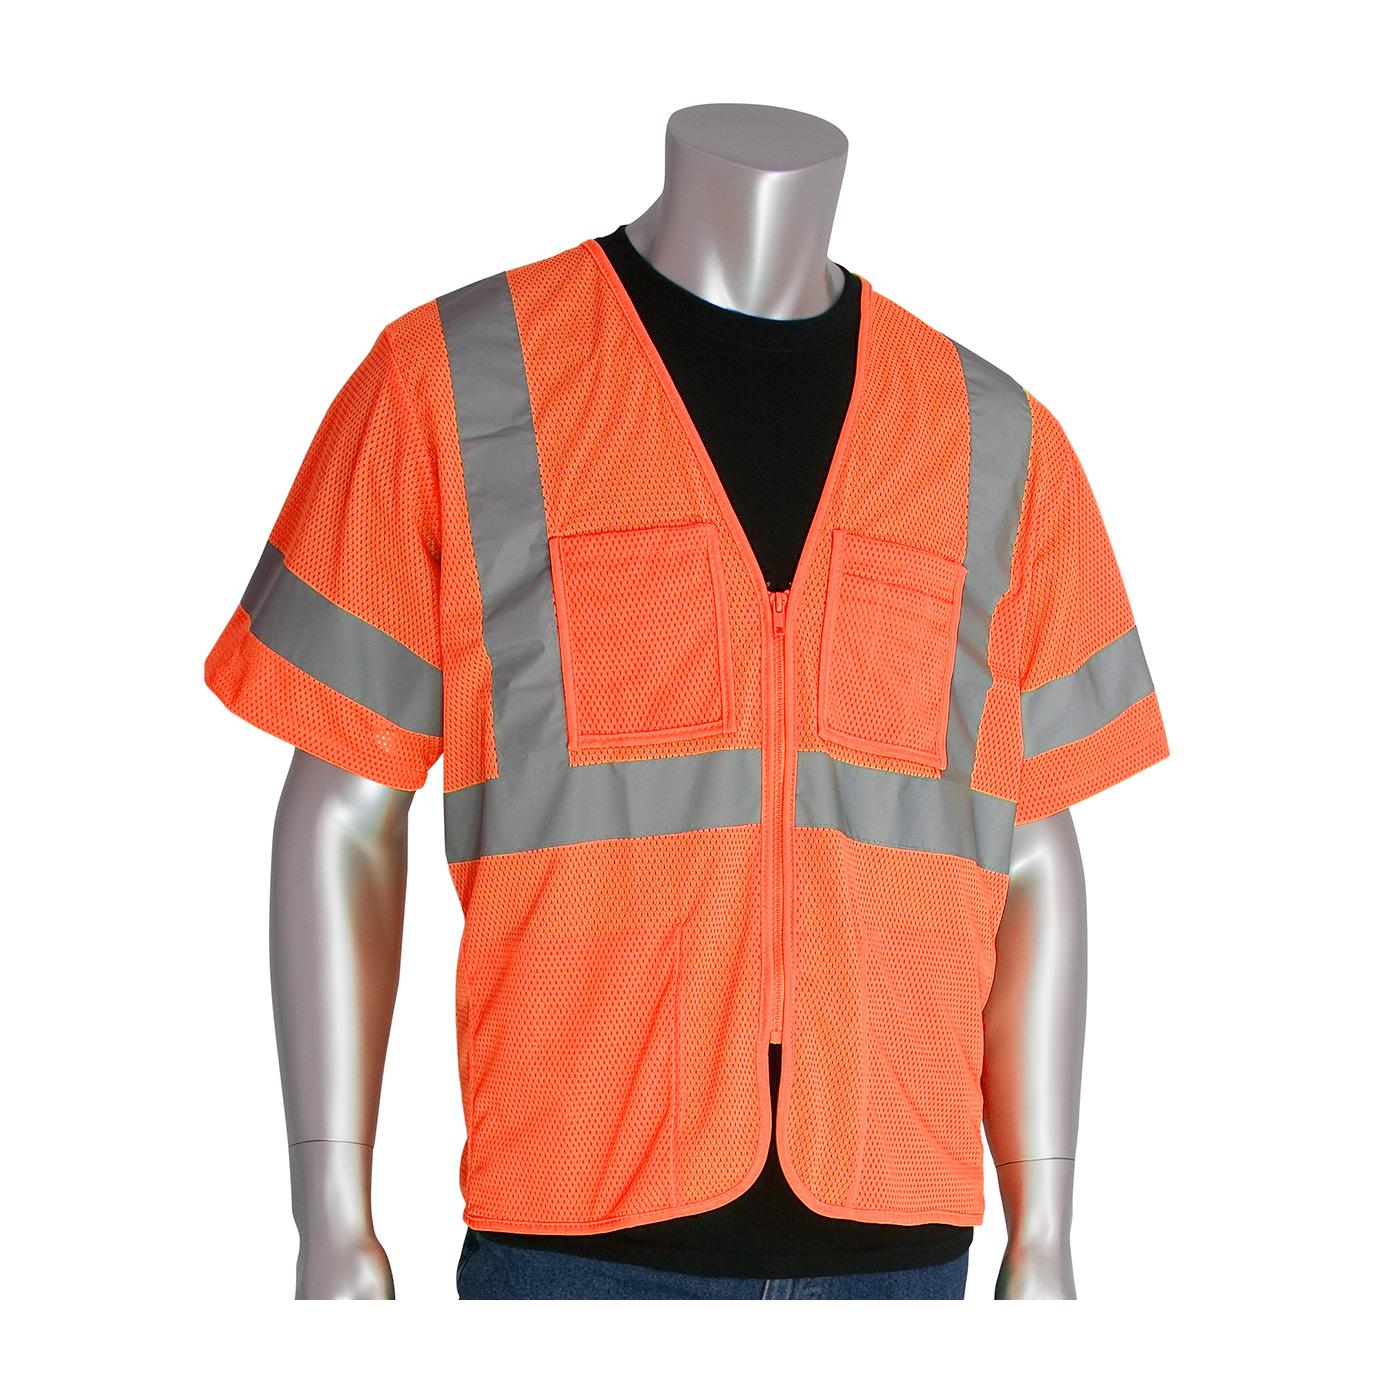 ANSI Type R Class 3 Value Four Pocket Zipper Mesh Vest, Hi-Vis Orange, 3XL